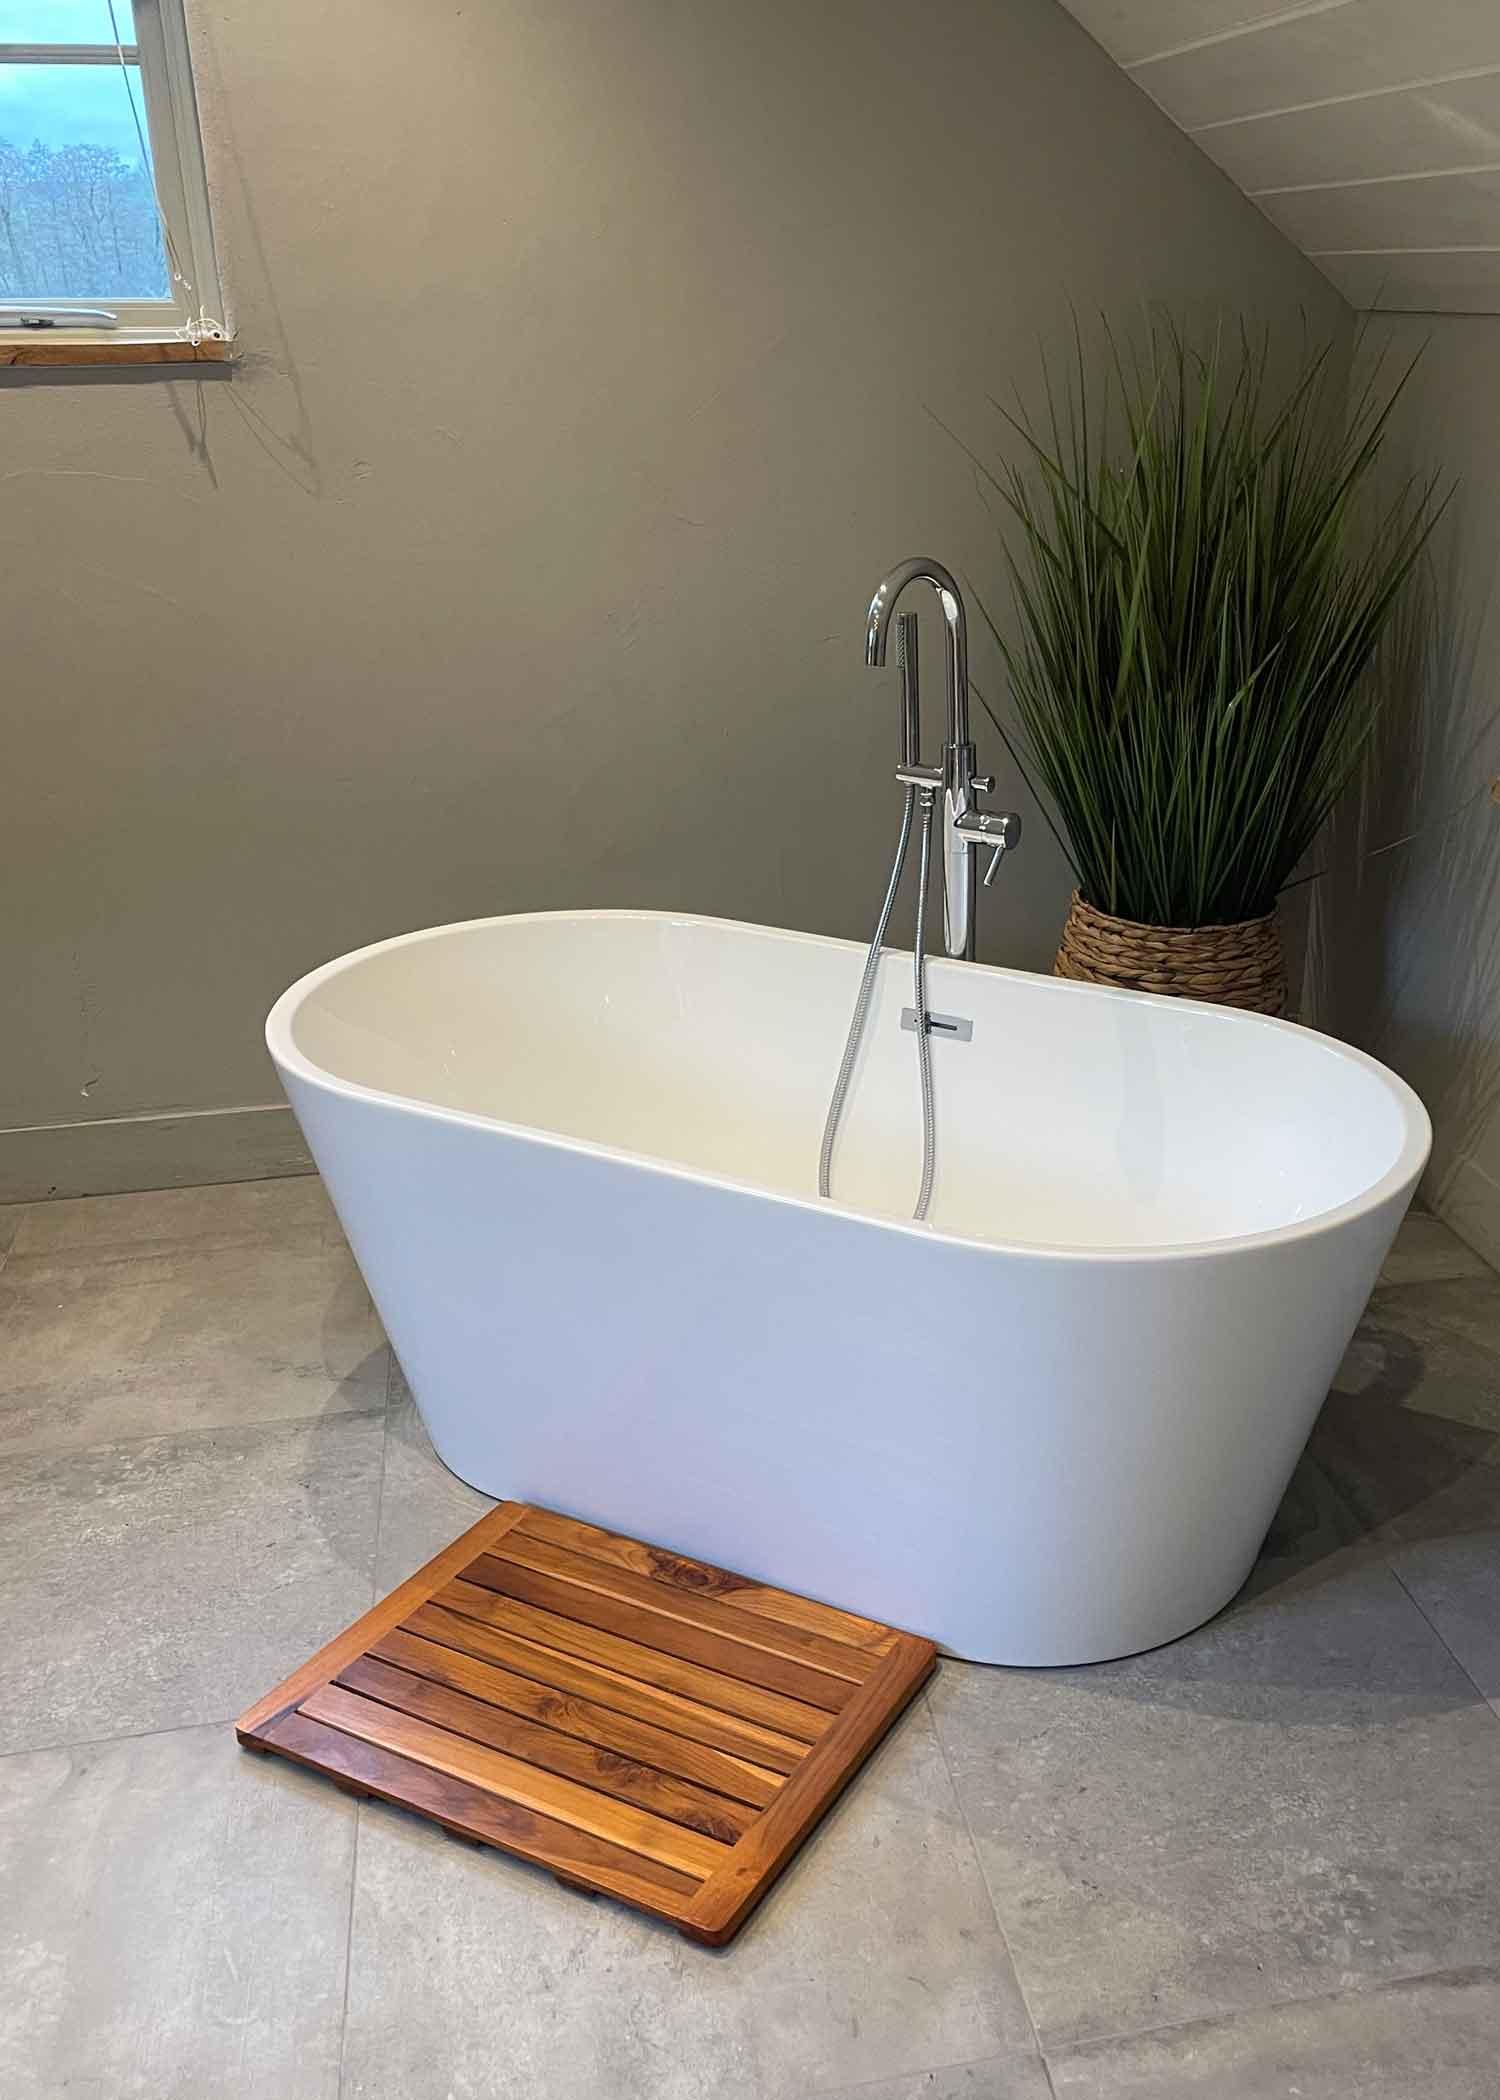 Sparta Mech plumbing - bath